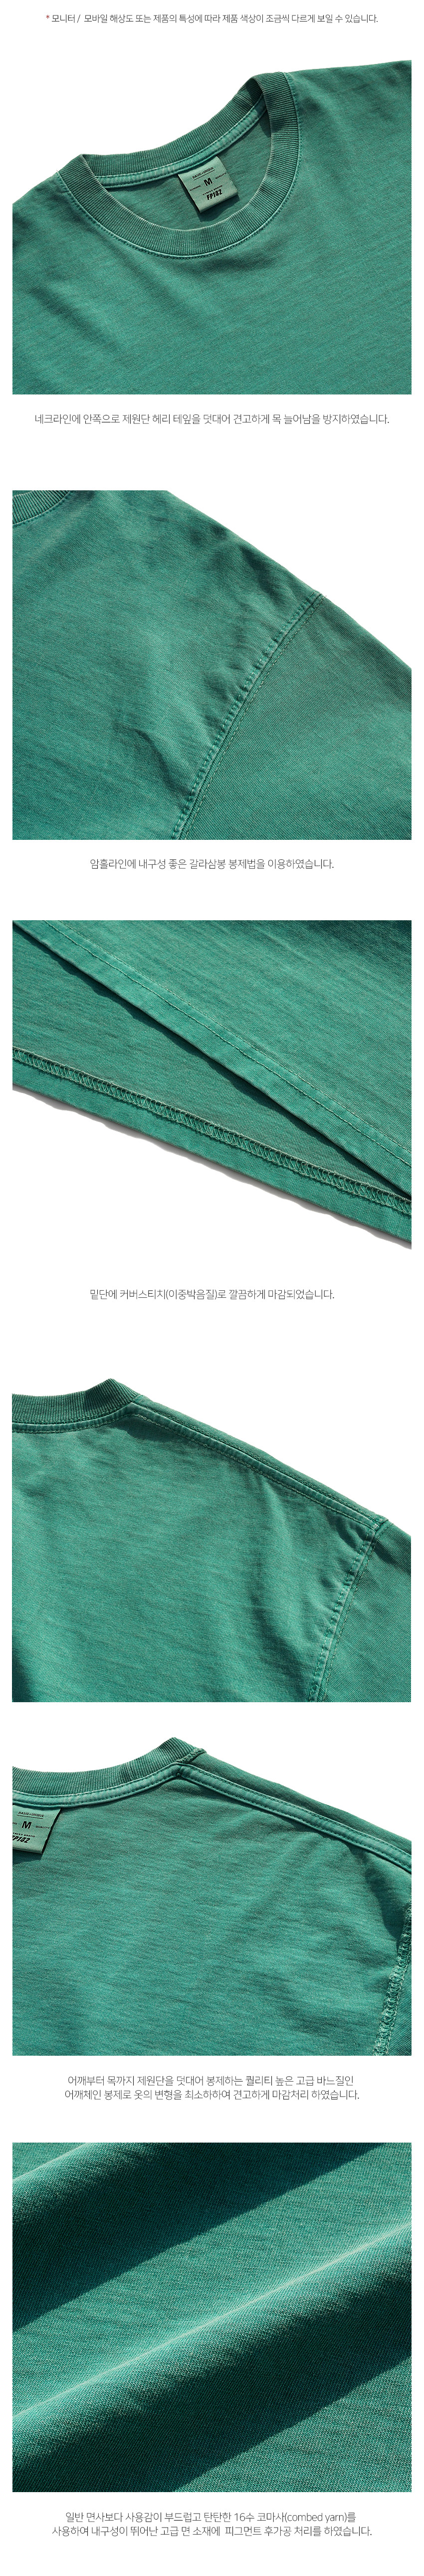 5_SJST1267_detail_bluegreen2_sn.jpg